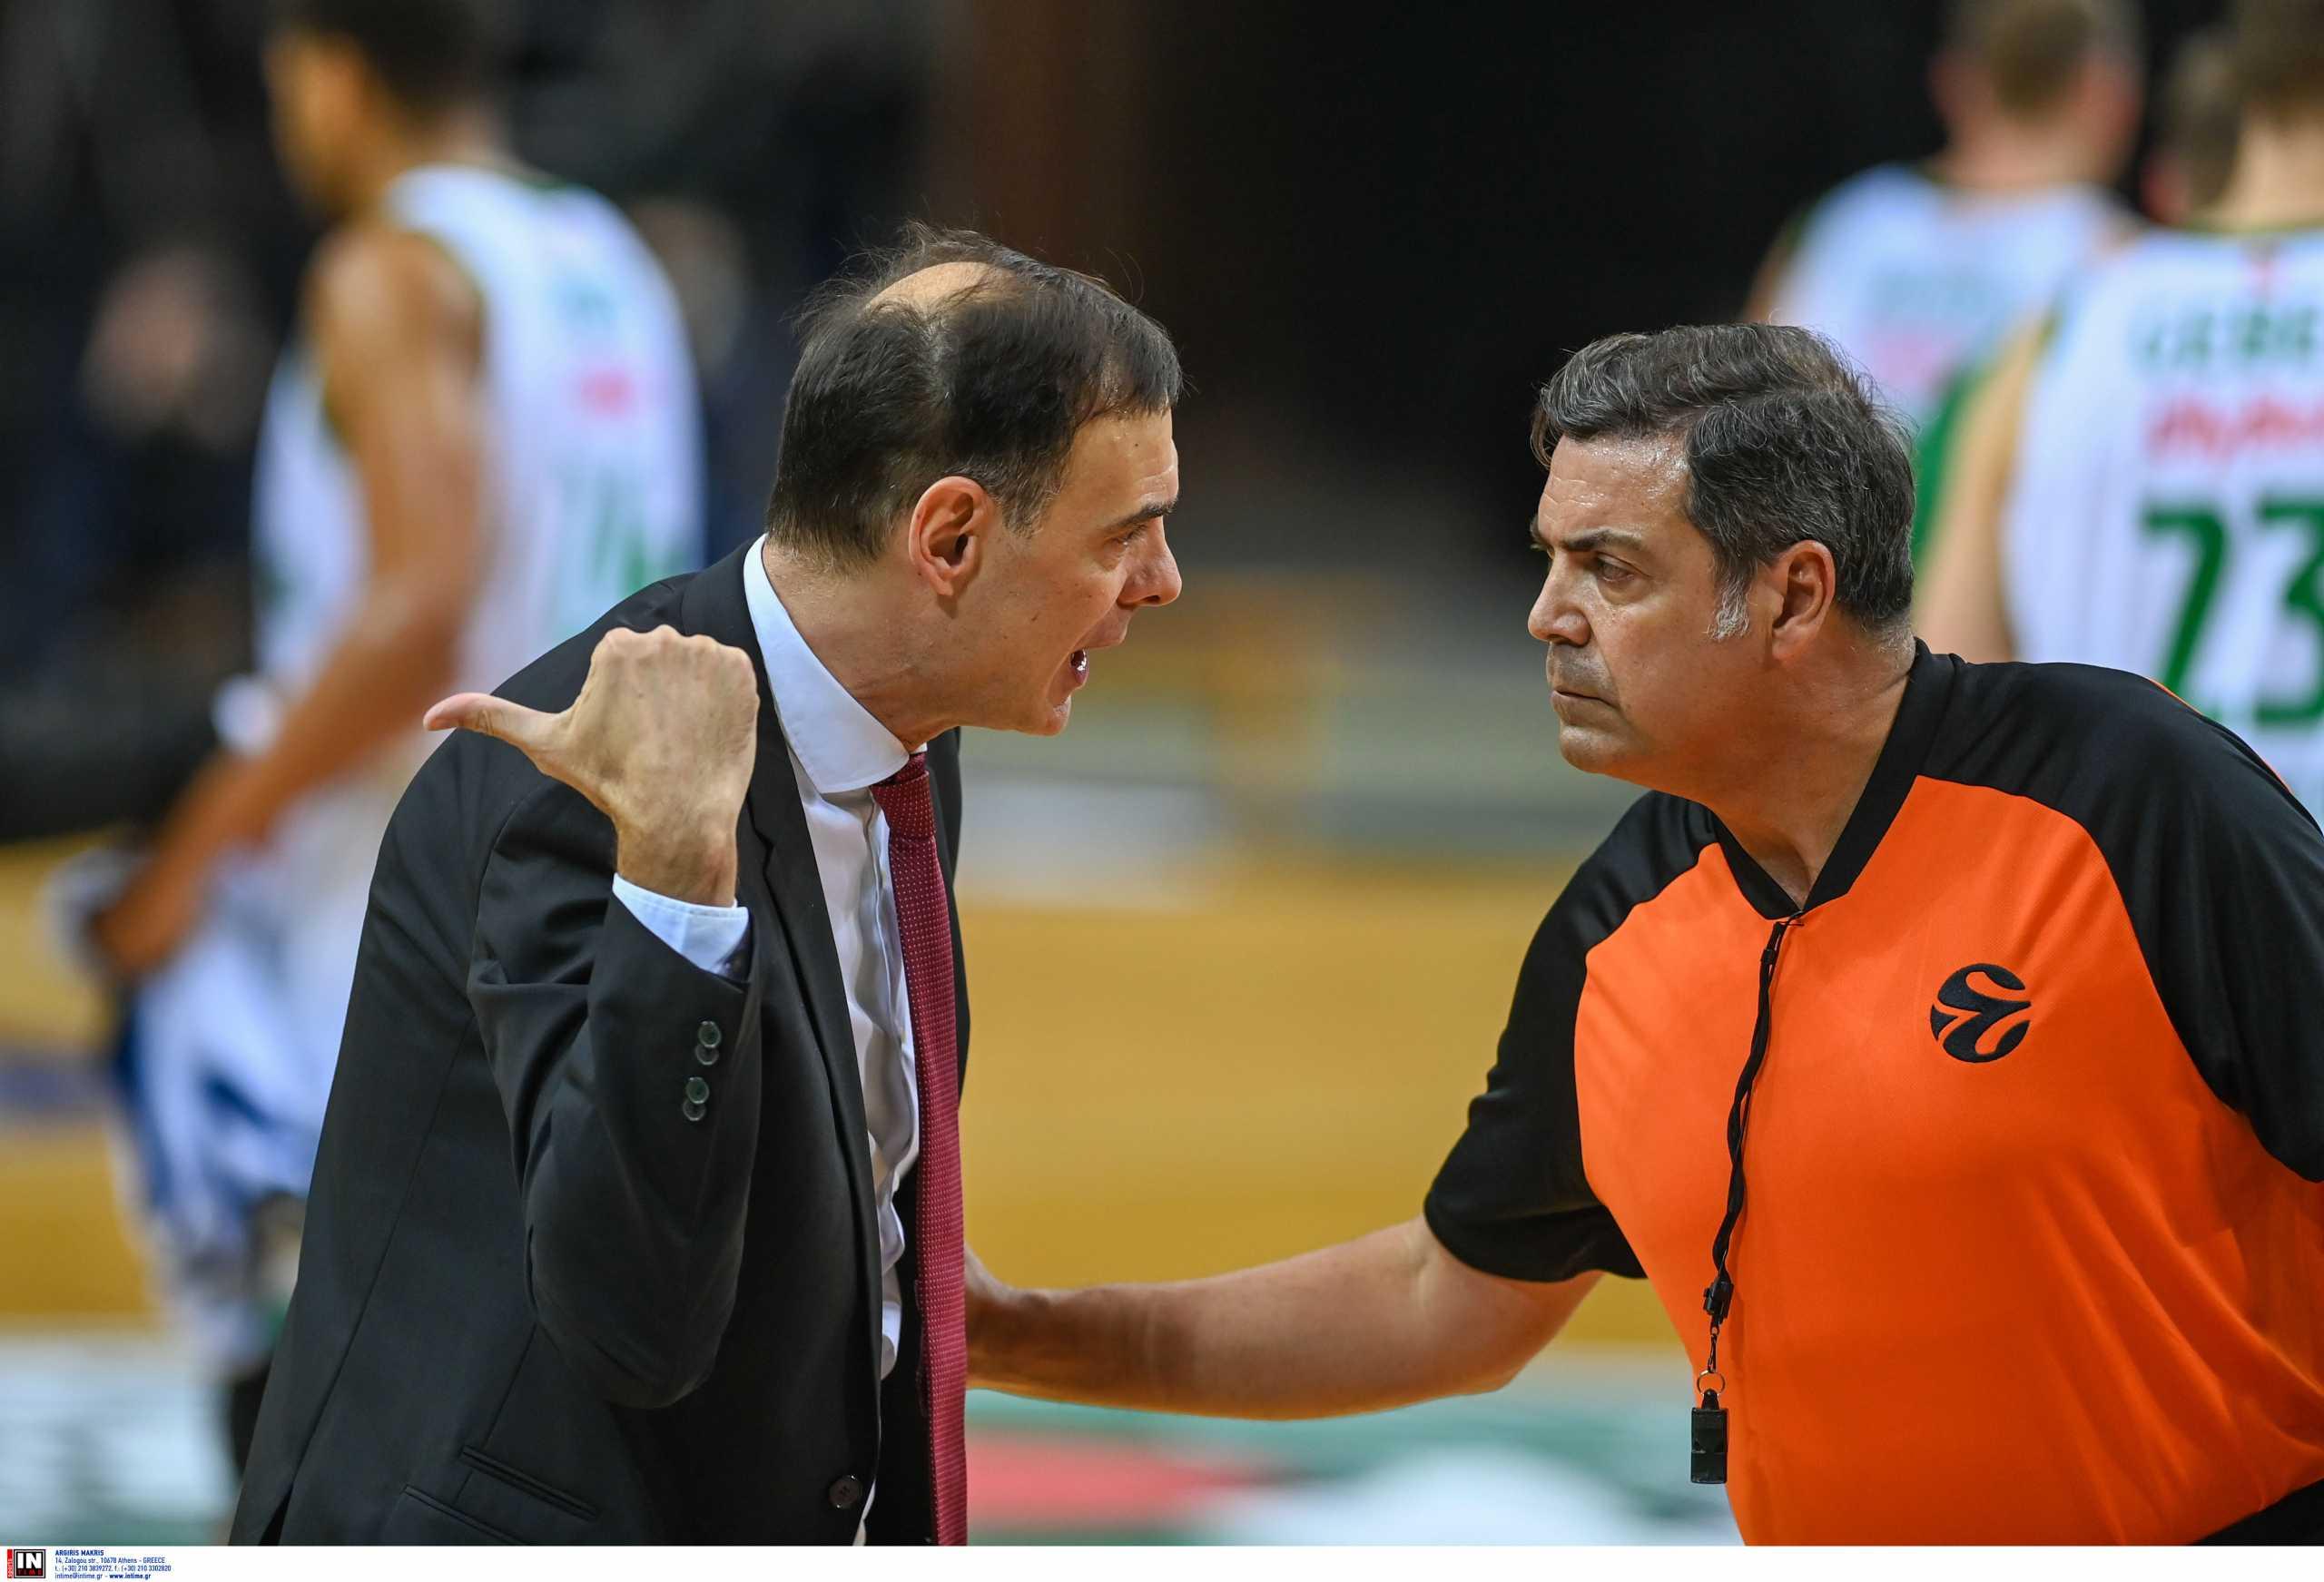 Οργή στον Ολυμπιακό για τη διαιτησία, «Έγινε φάουλ στον Σλούκα, περιμένουμε την θέση της Euroleague» (video)